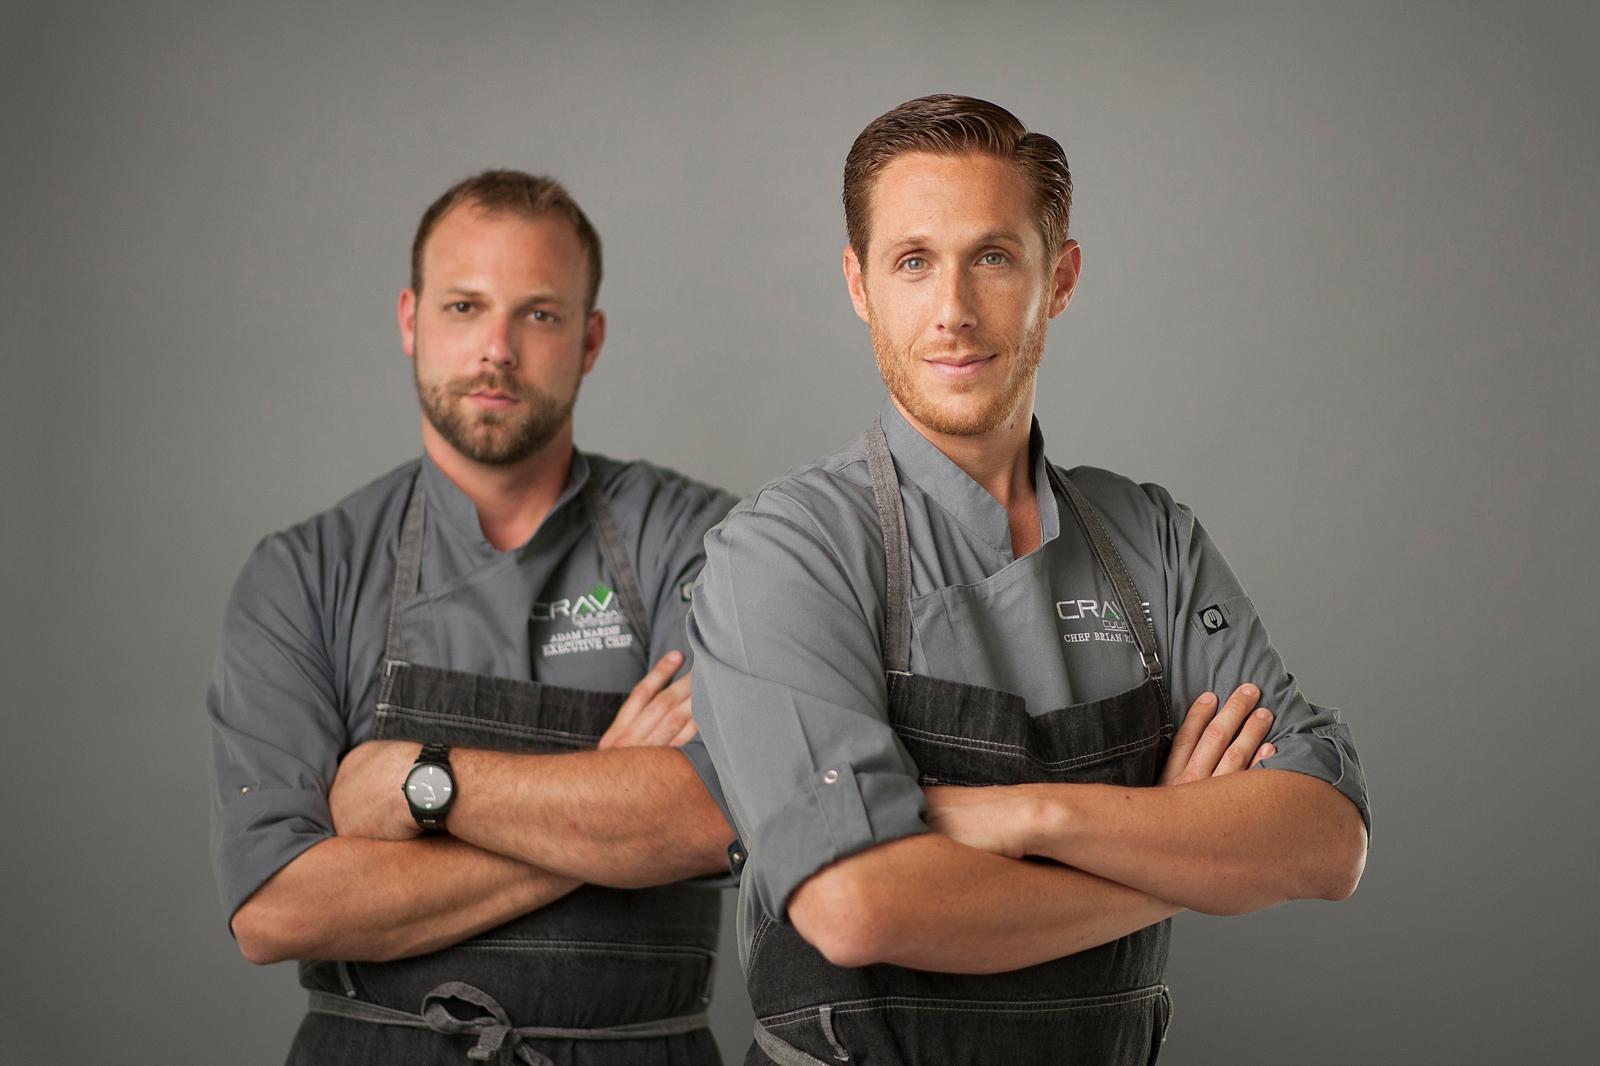 10-signature-branding-images-crave-attitude-chefs.jpg